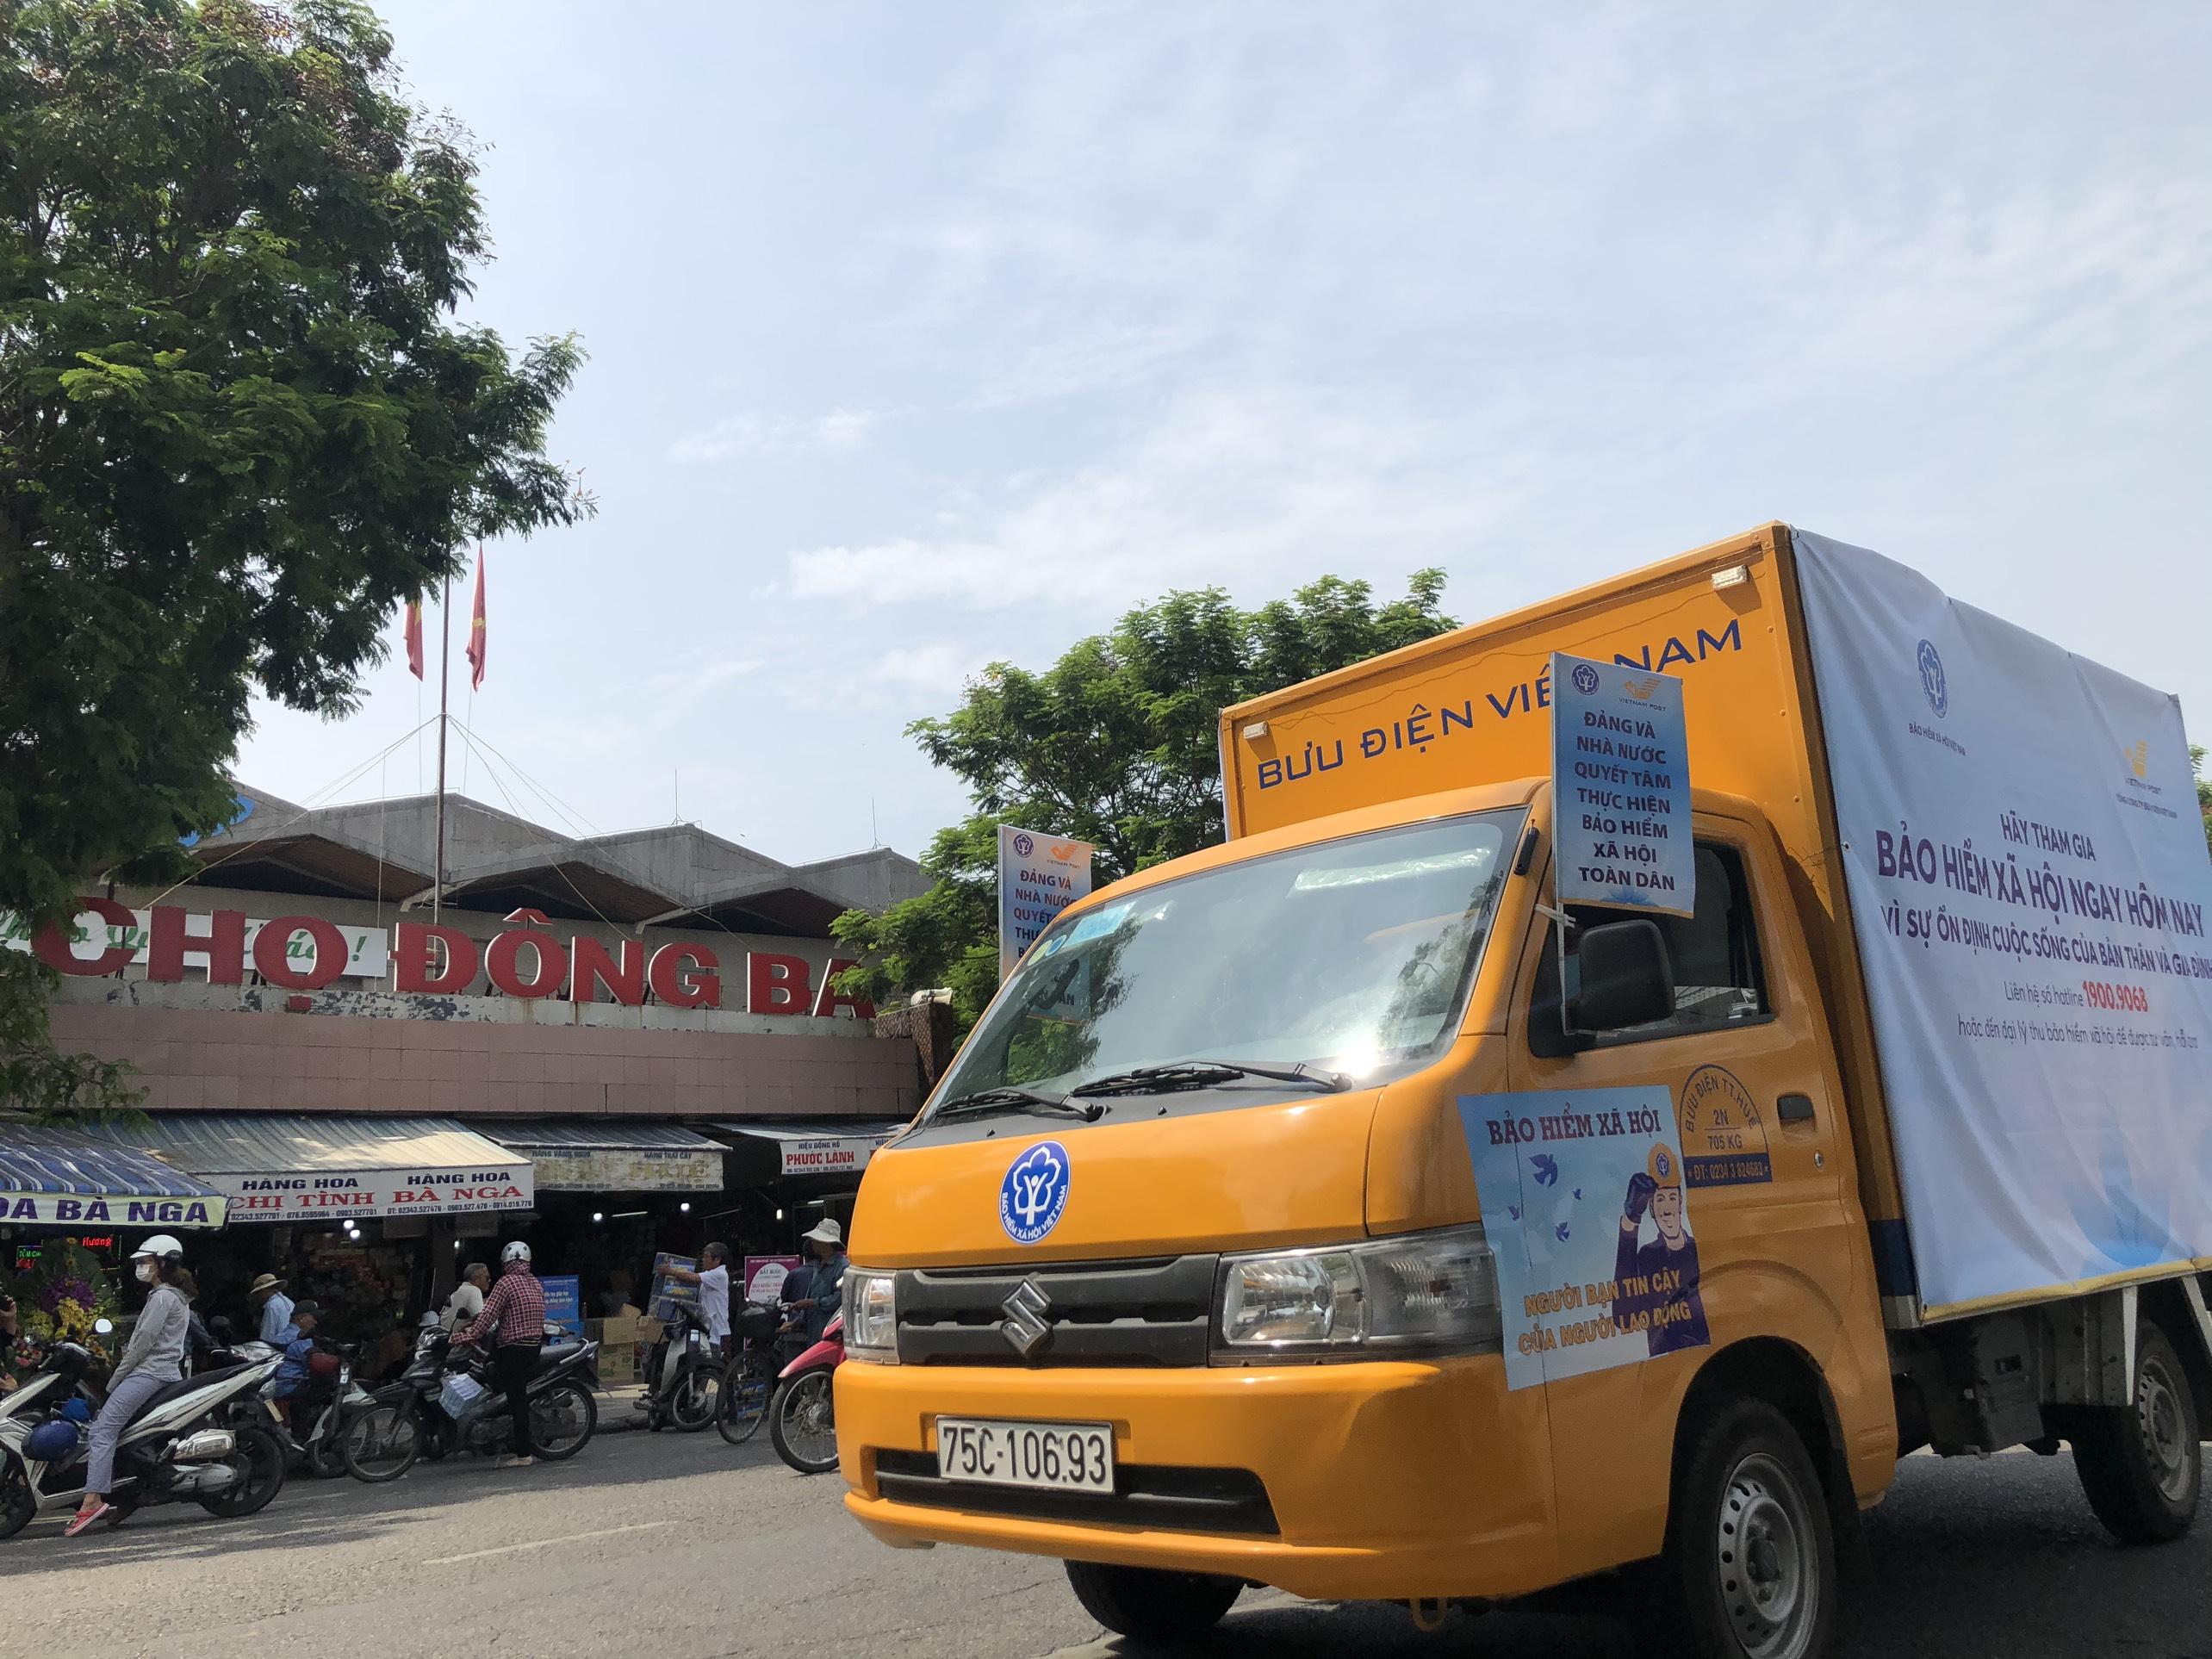 Đoàn xe tuyên truyền chính sách Bảo hiểm xã hội tự nguyện đi ngang qua Chợ Đông Ba - Huế